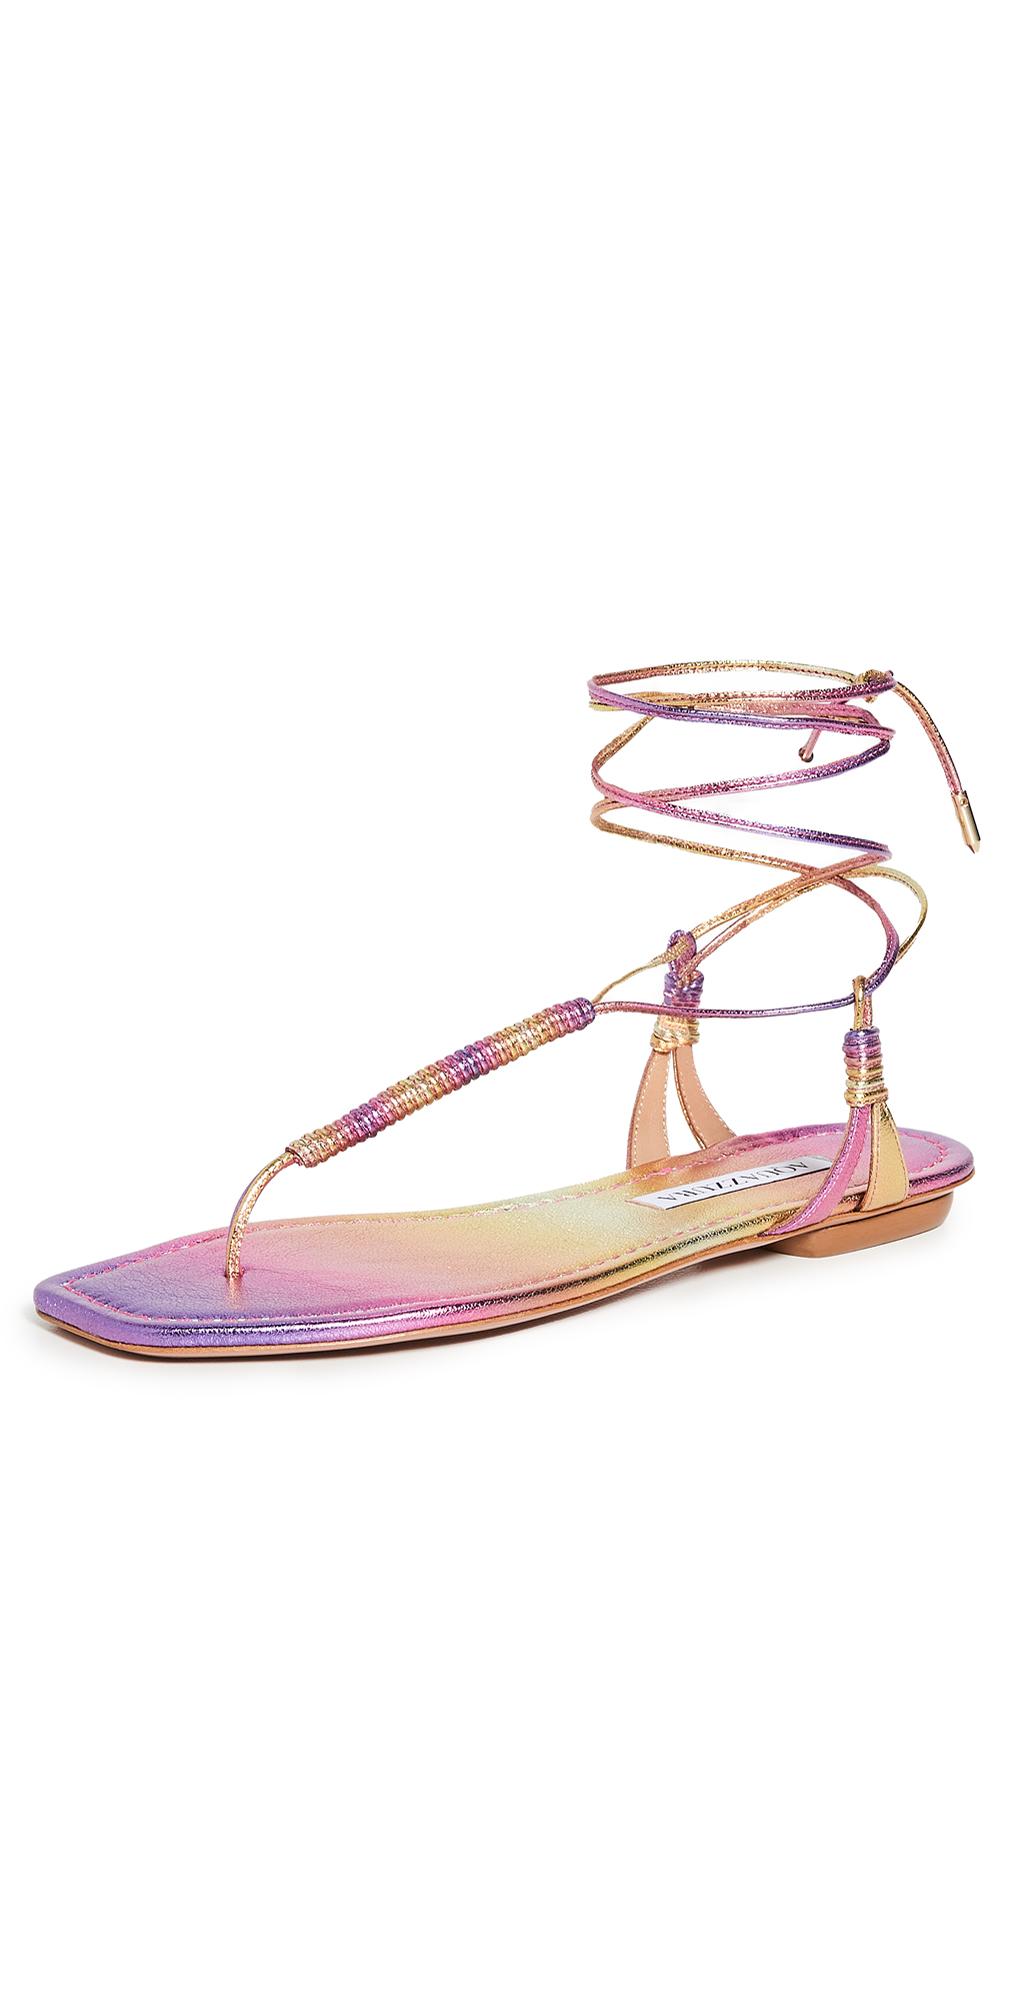 Aquazzura Sole Flat Sandals